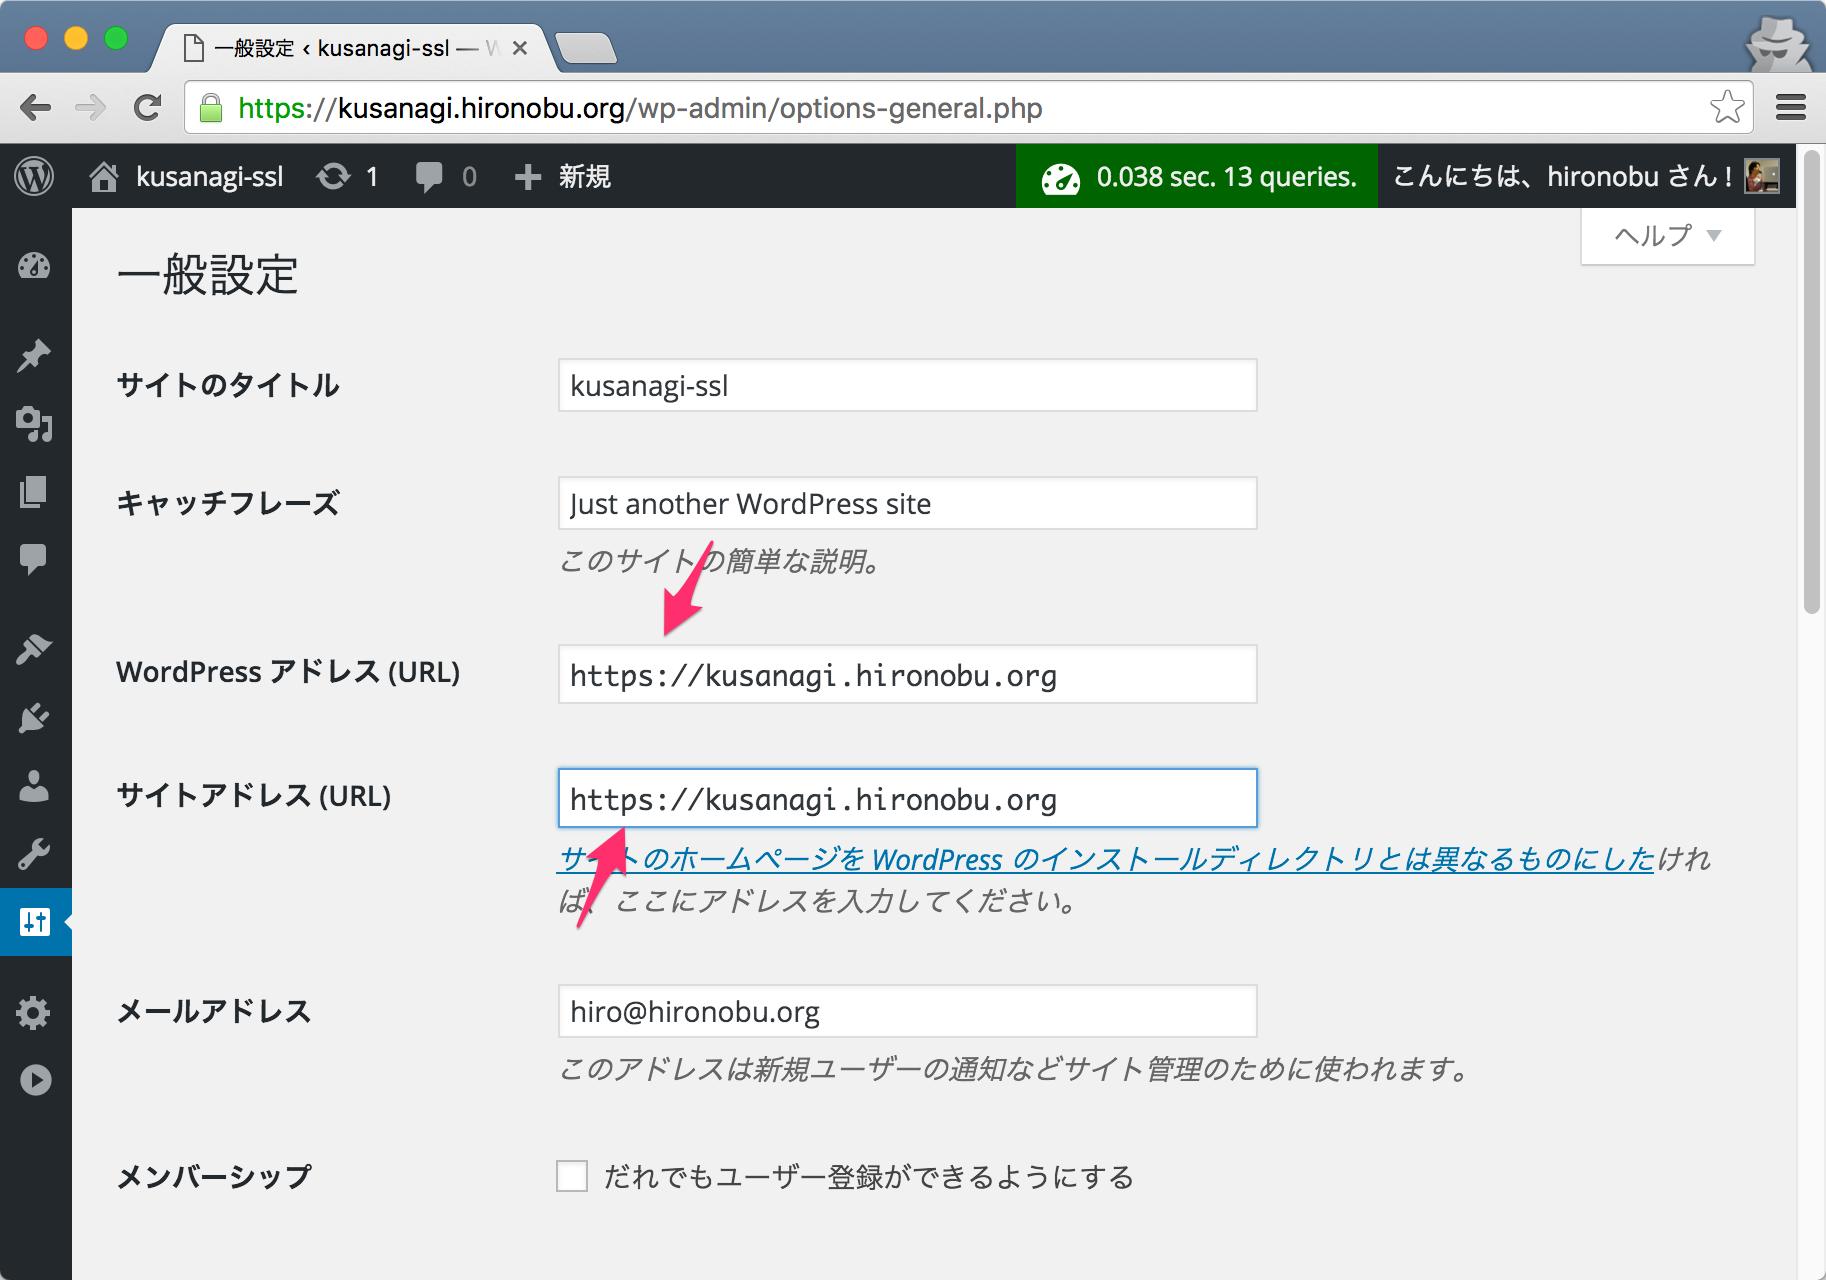 一般設定_‹_kusanagi-ssl_—_WordPress.png